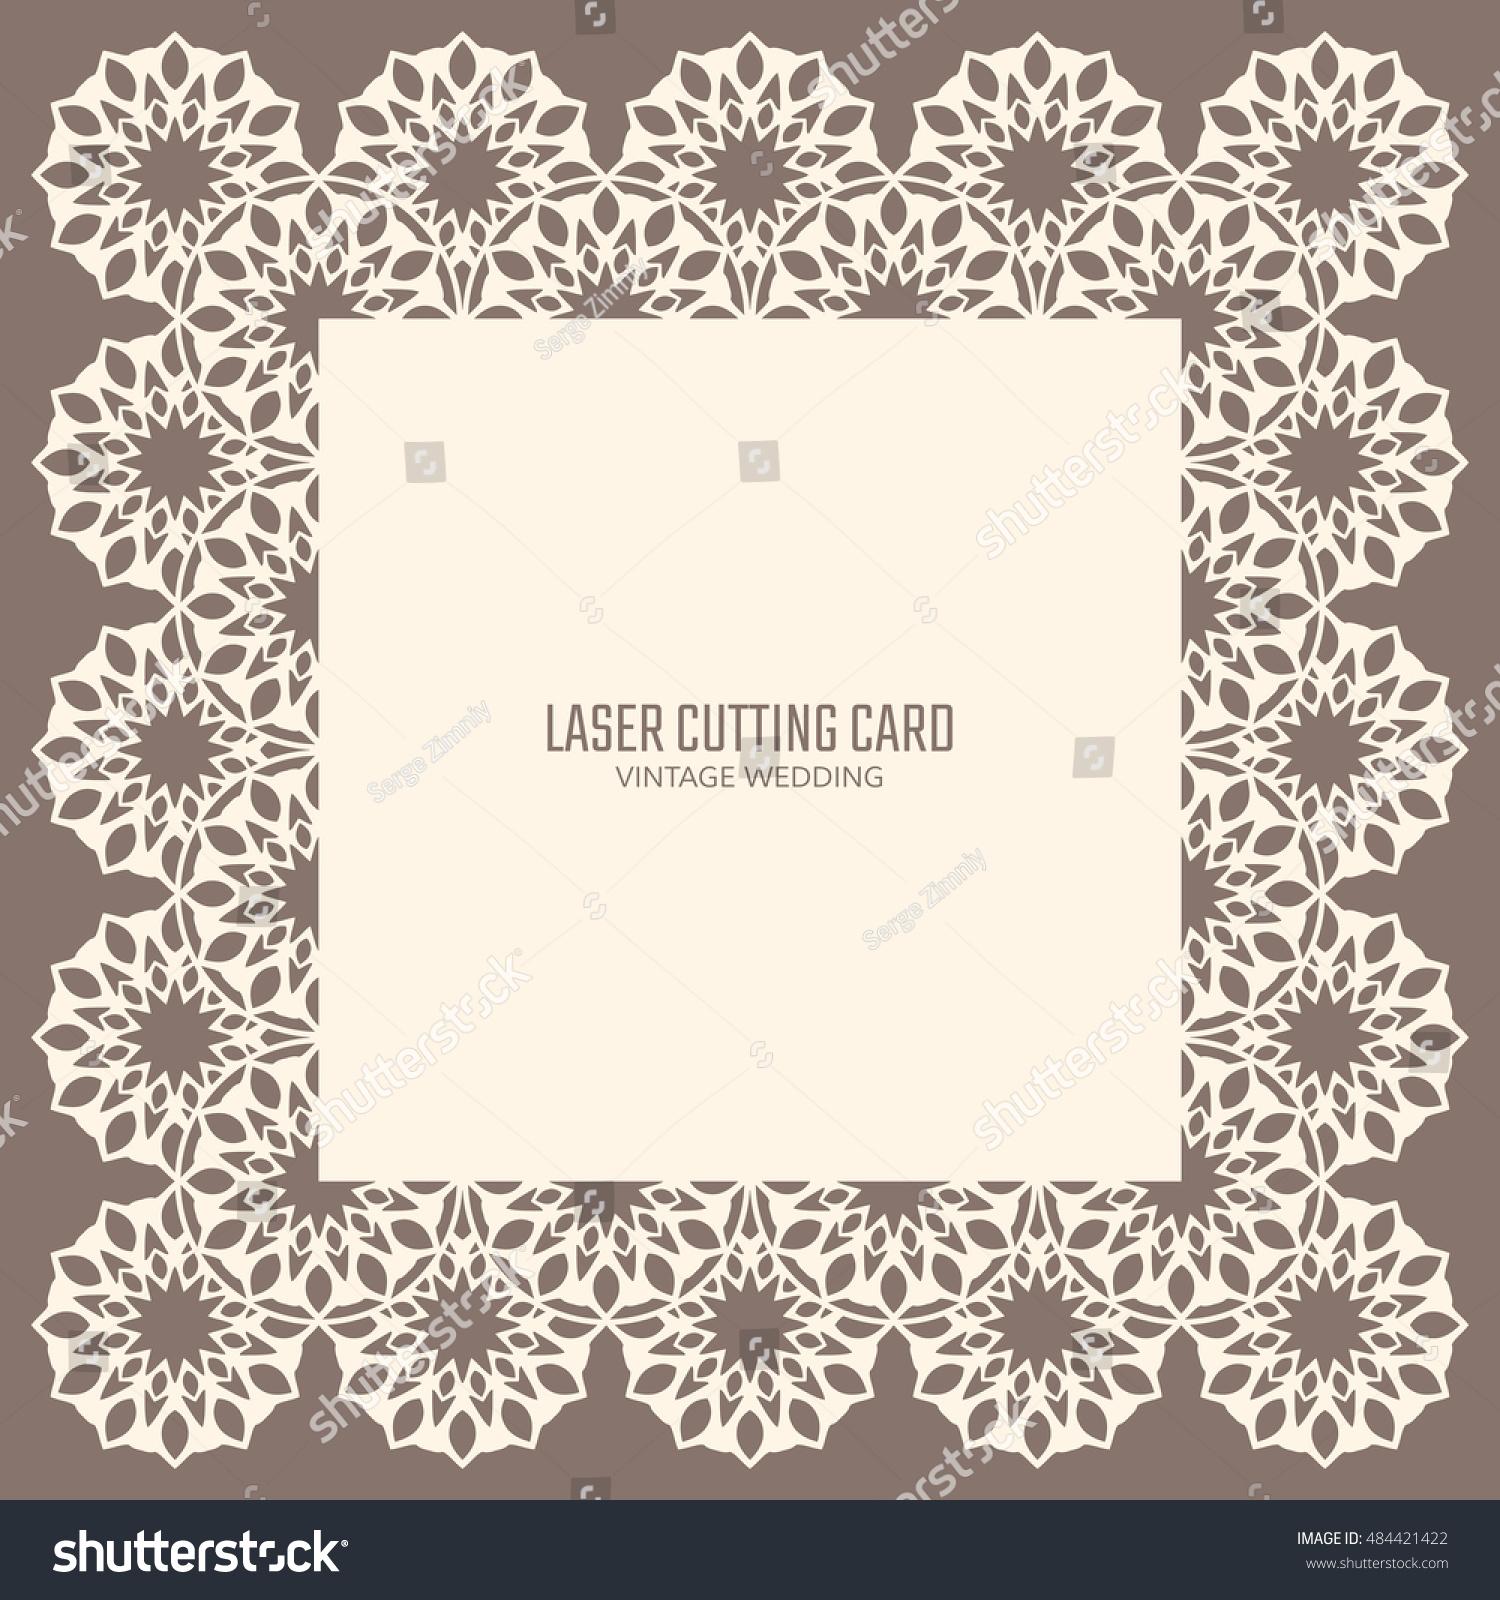 DIY Laser Cutting Vector Card Wedding Stock Vector 484421422 ...